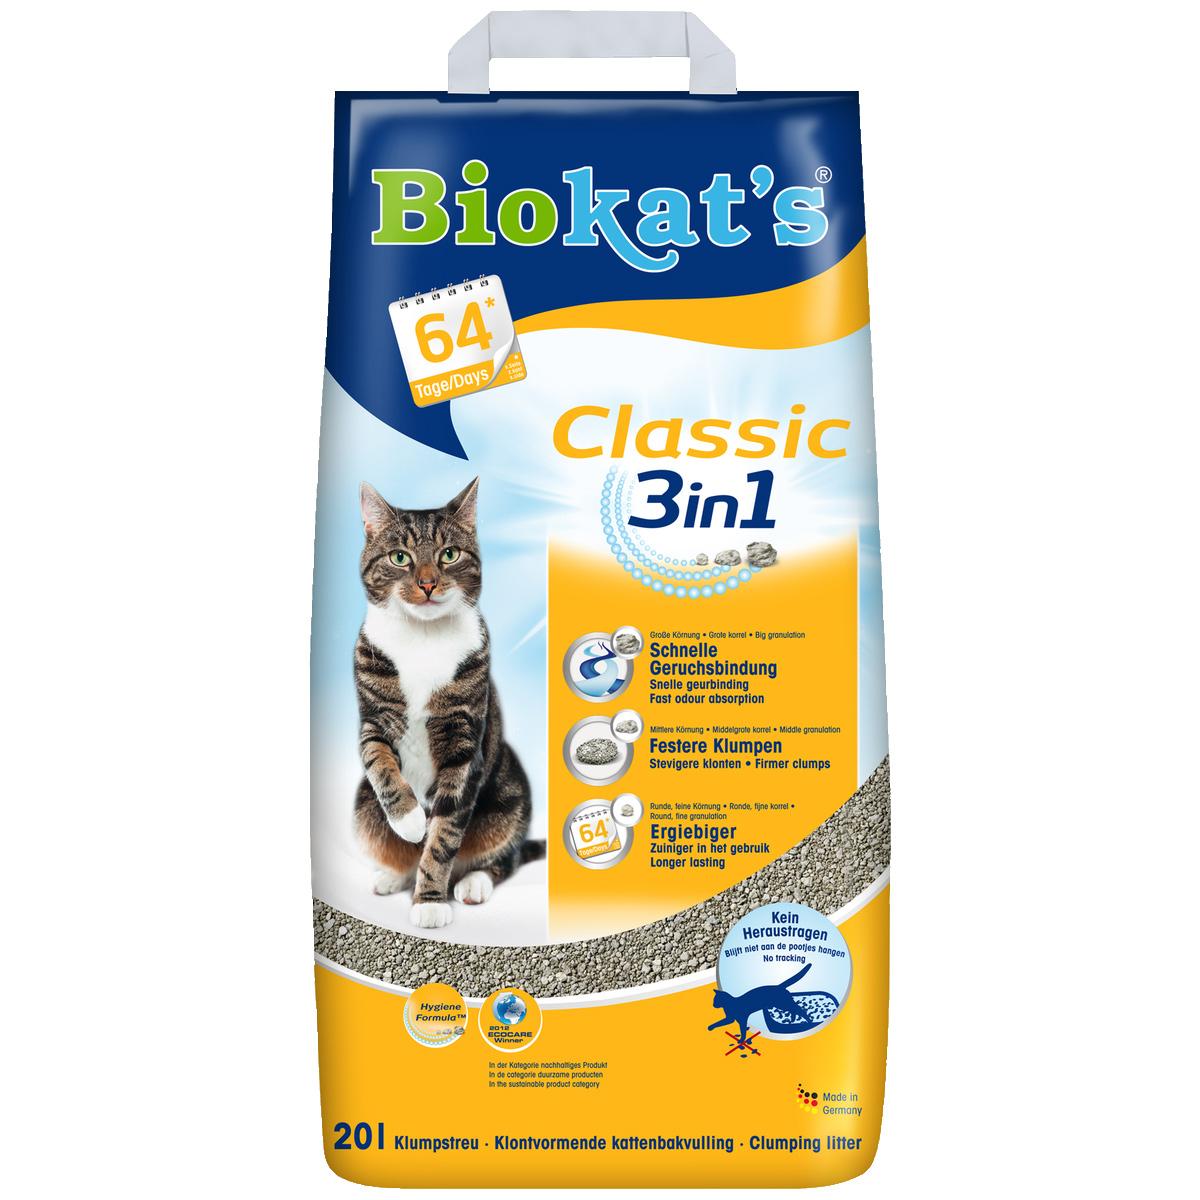 3 Geheimnisse Für Dkb Neukunden: Biokat's Classic 3in1 Günstig Kaufen Bei ZooRoyal